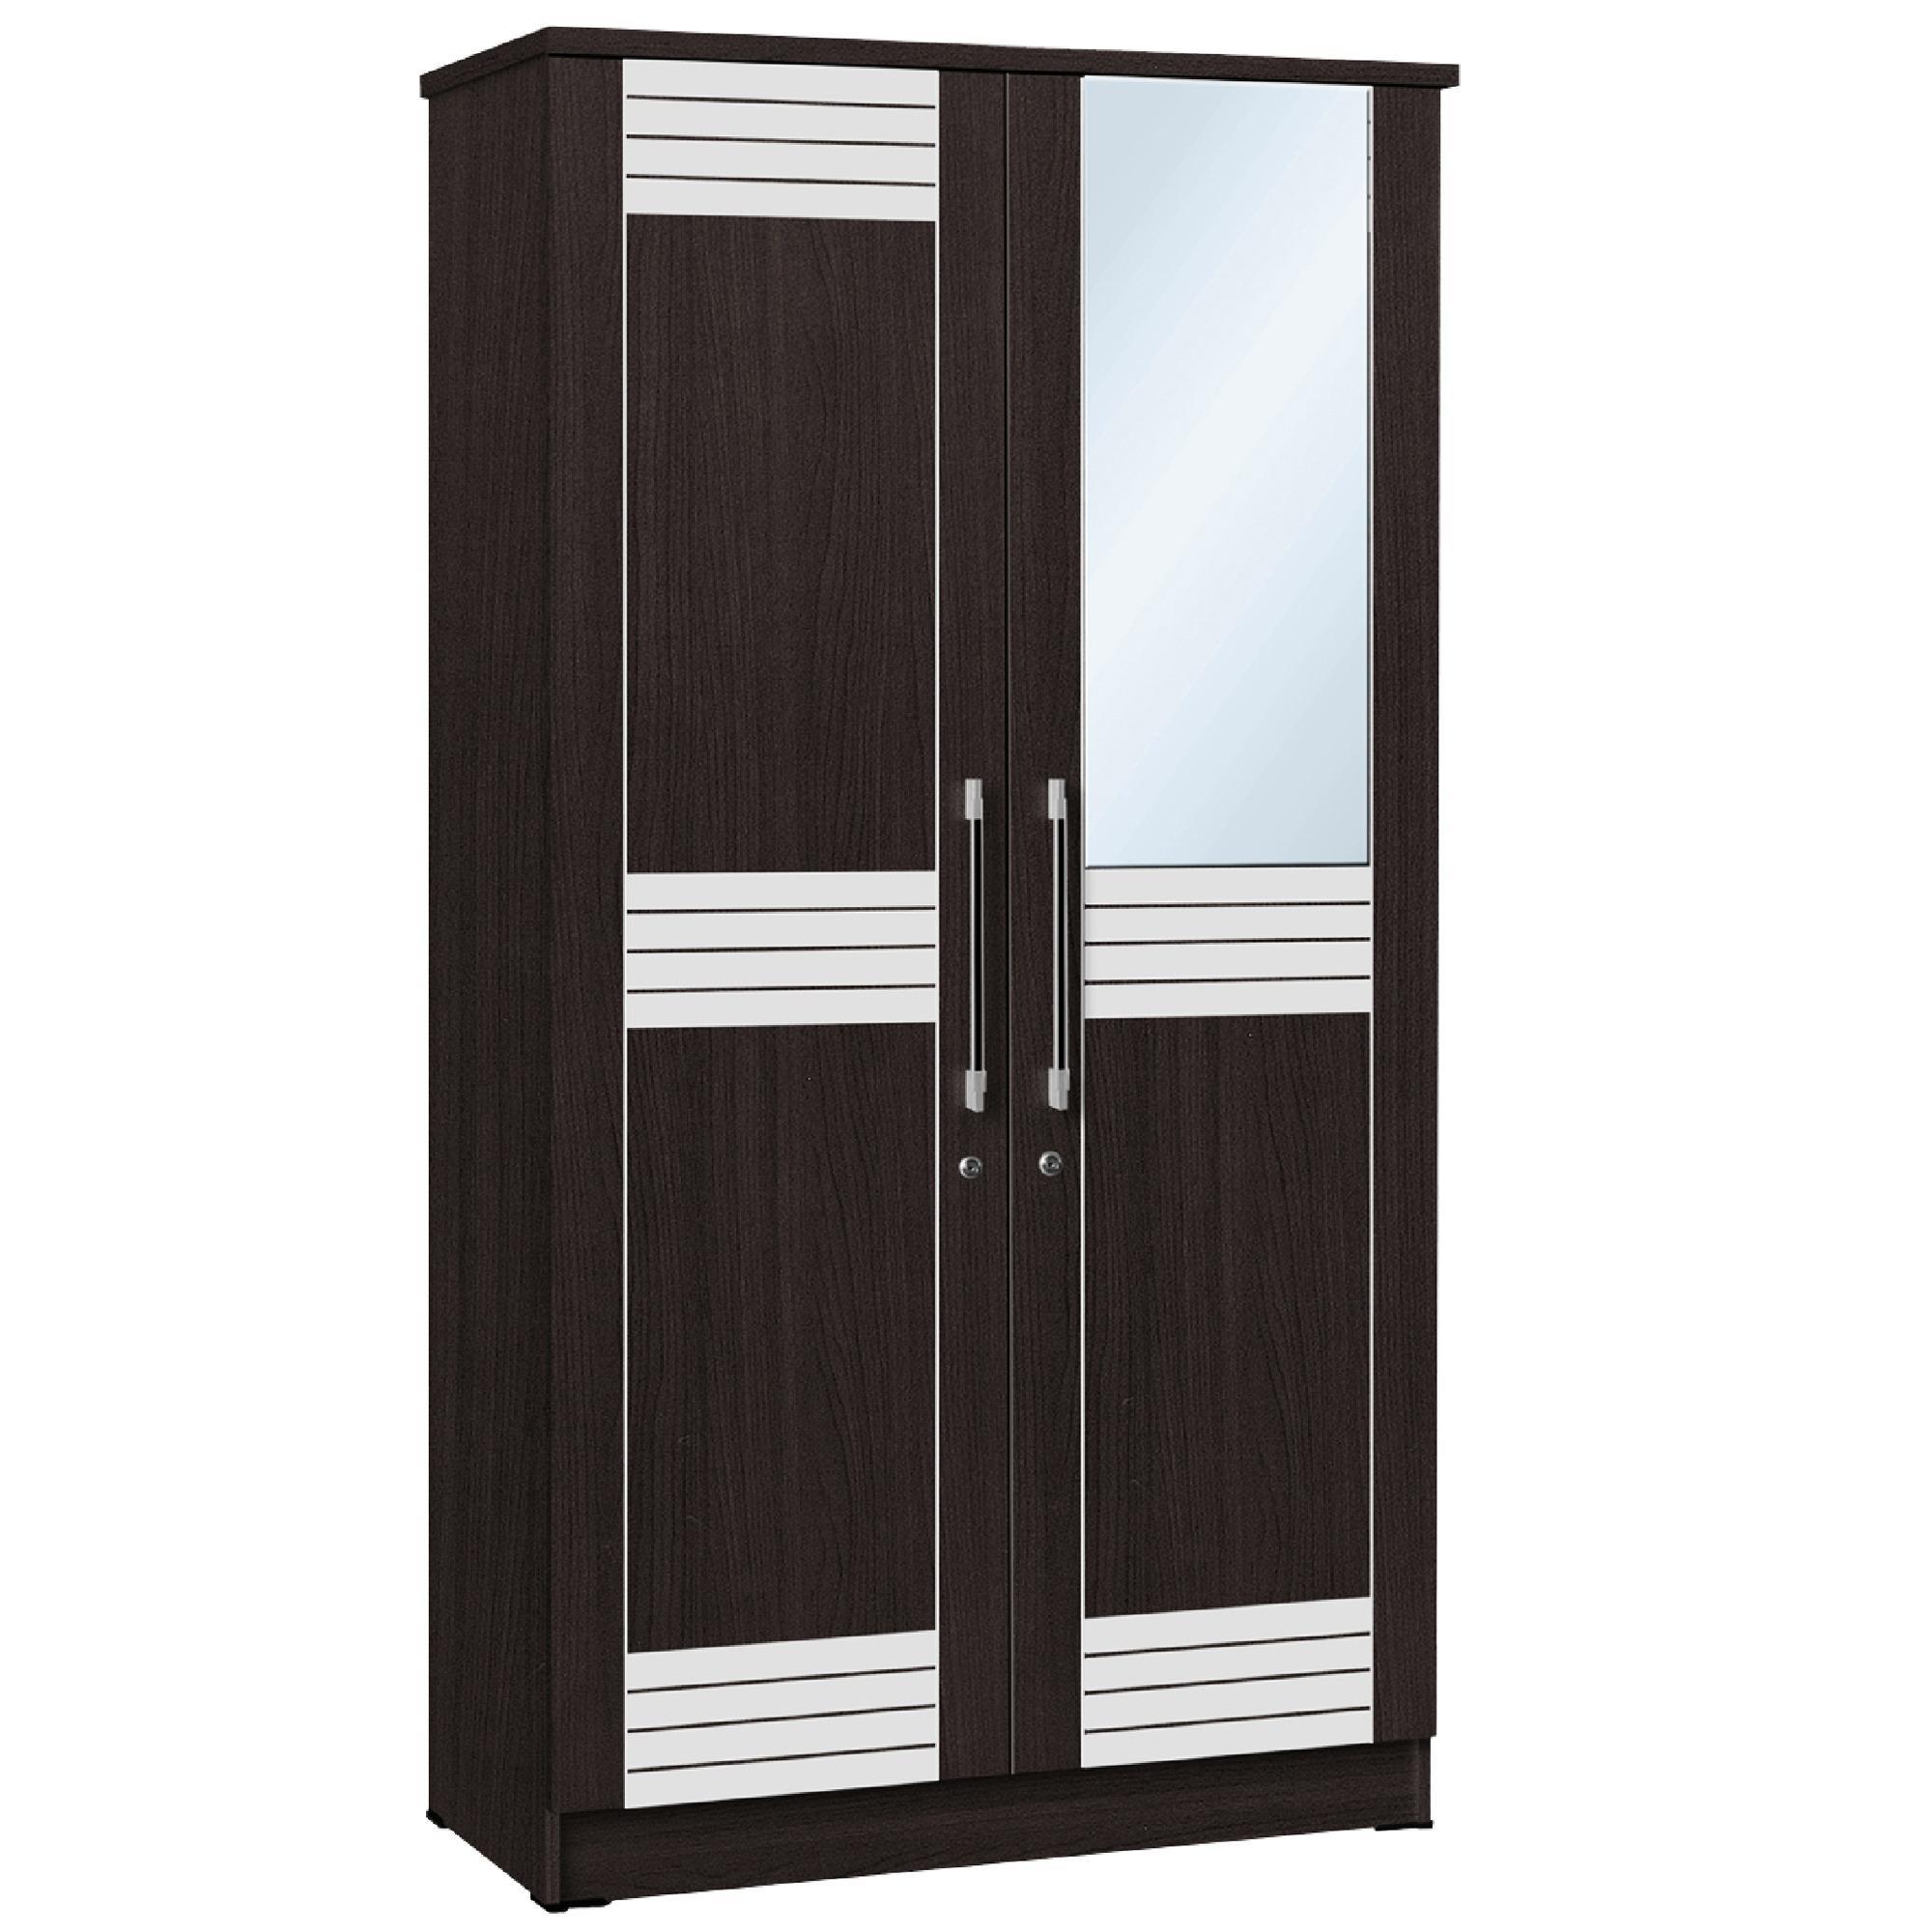 Lemari Pakaian 2 Pintu LPD-081